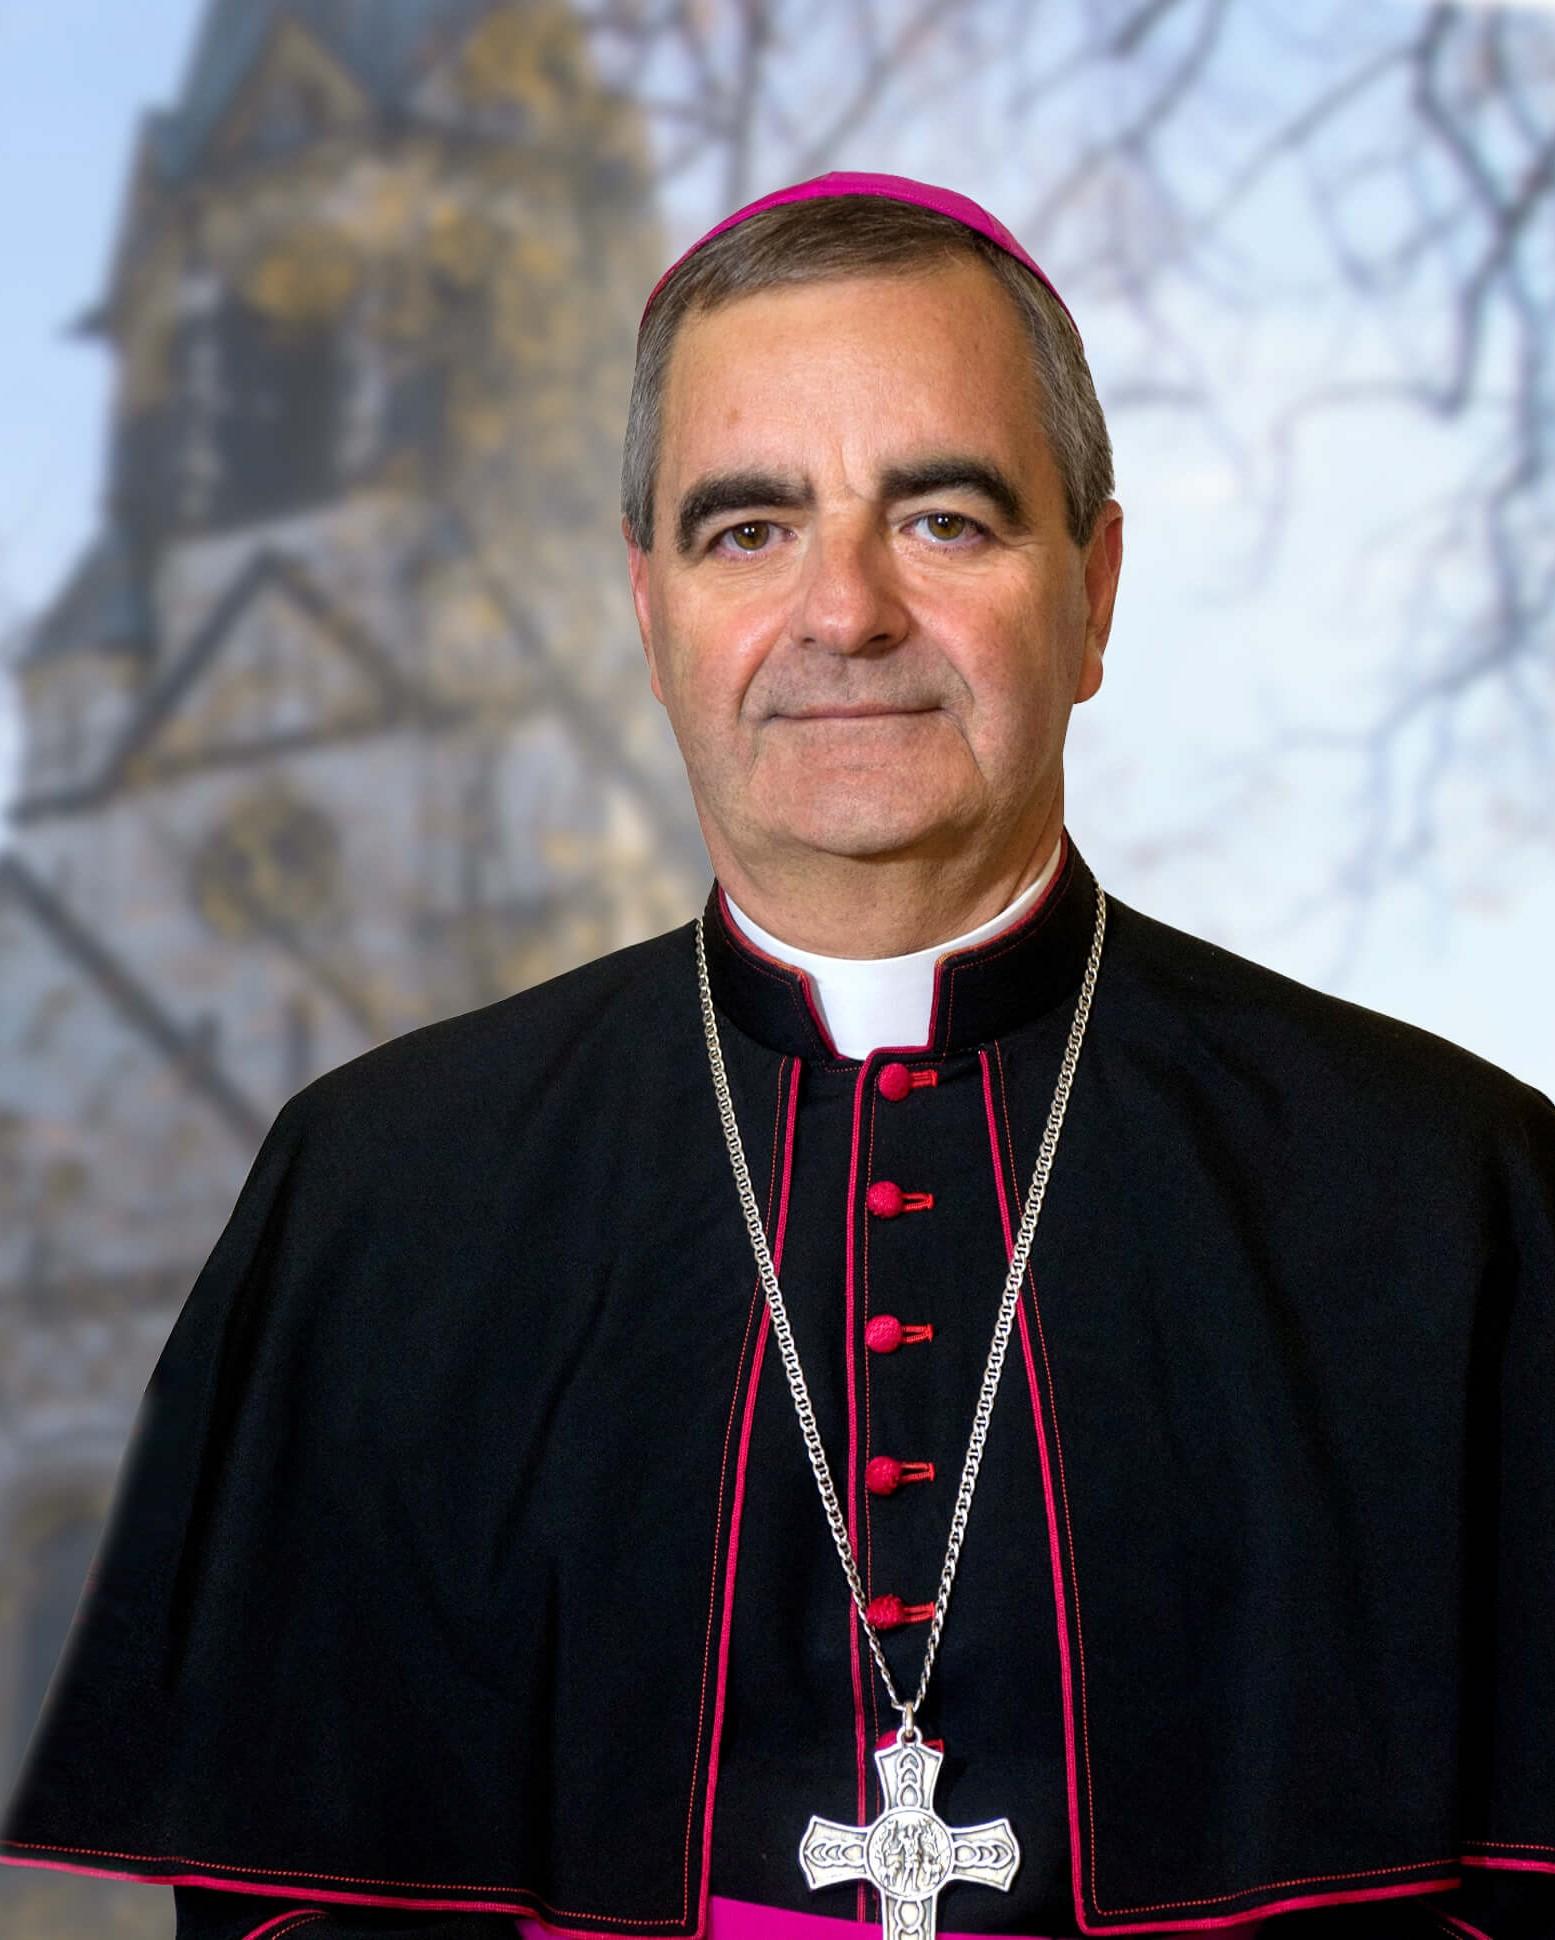 Nuntius-B.Eterovic